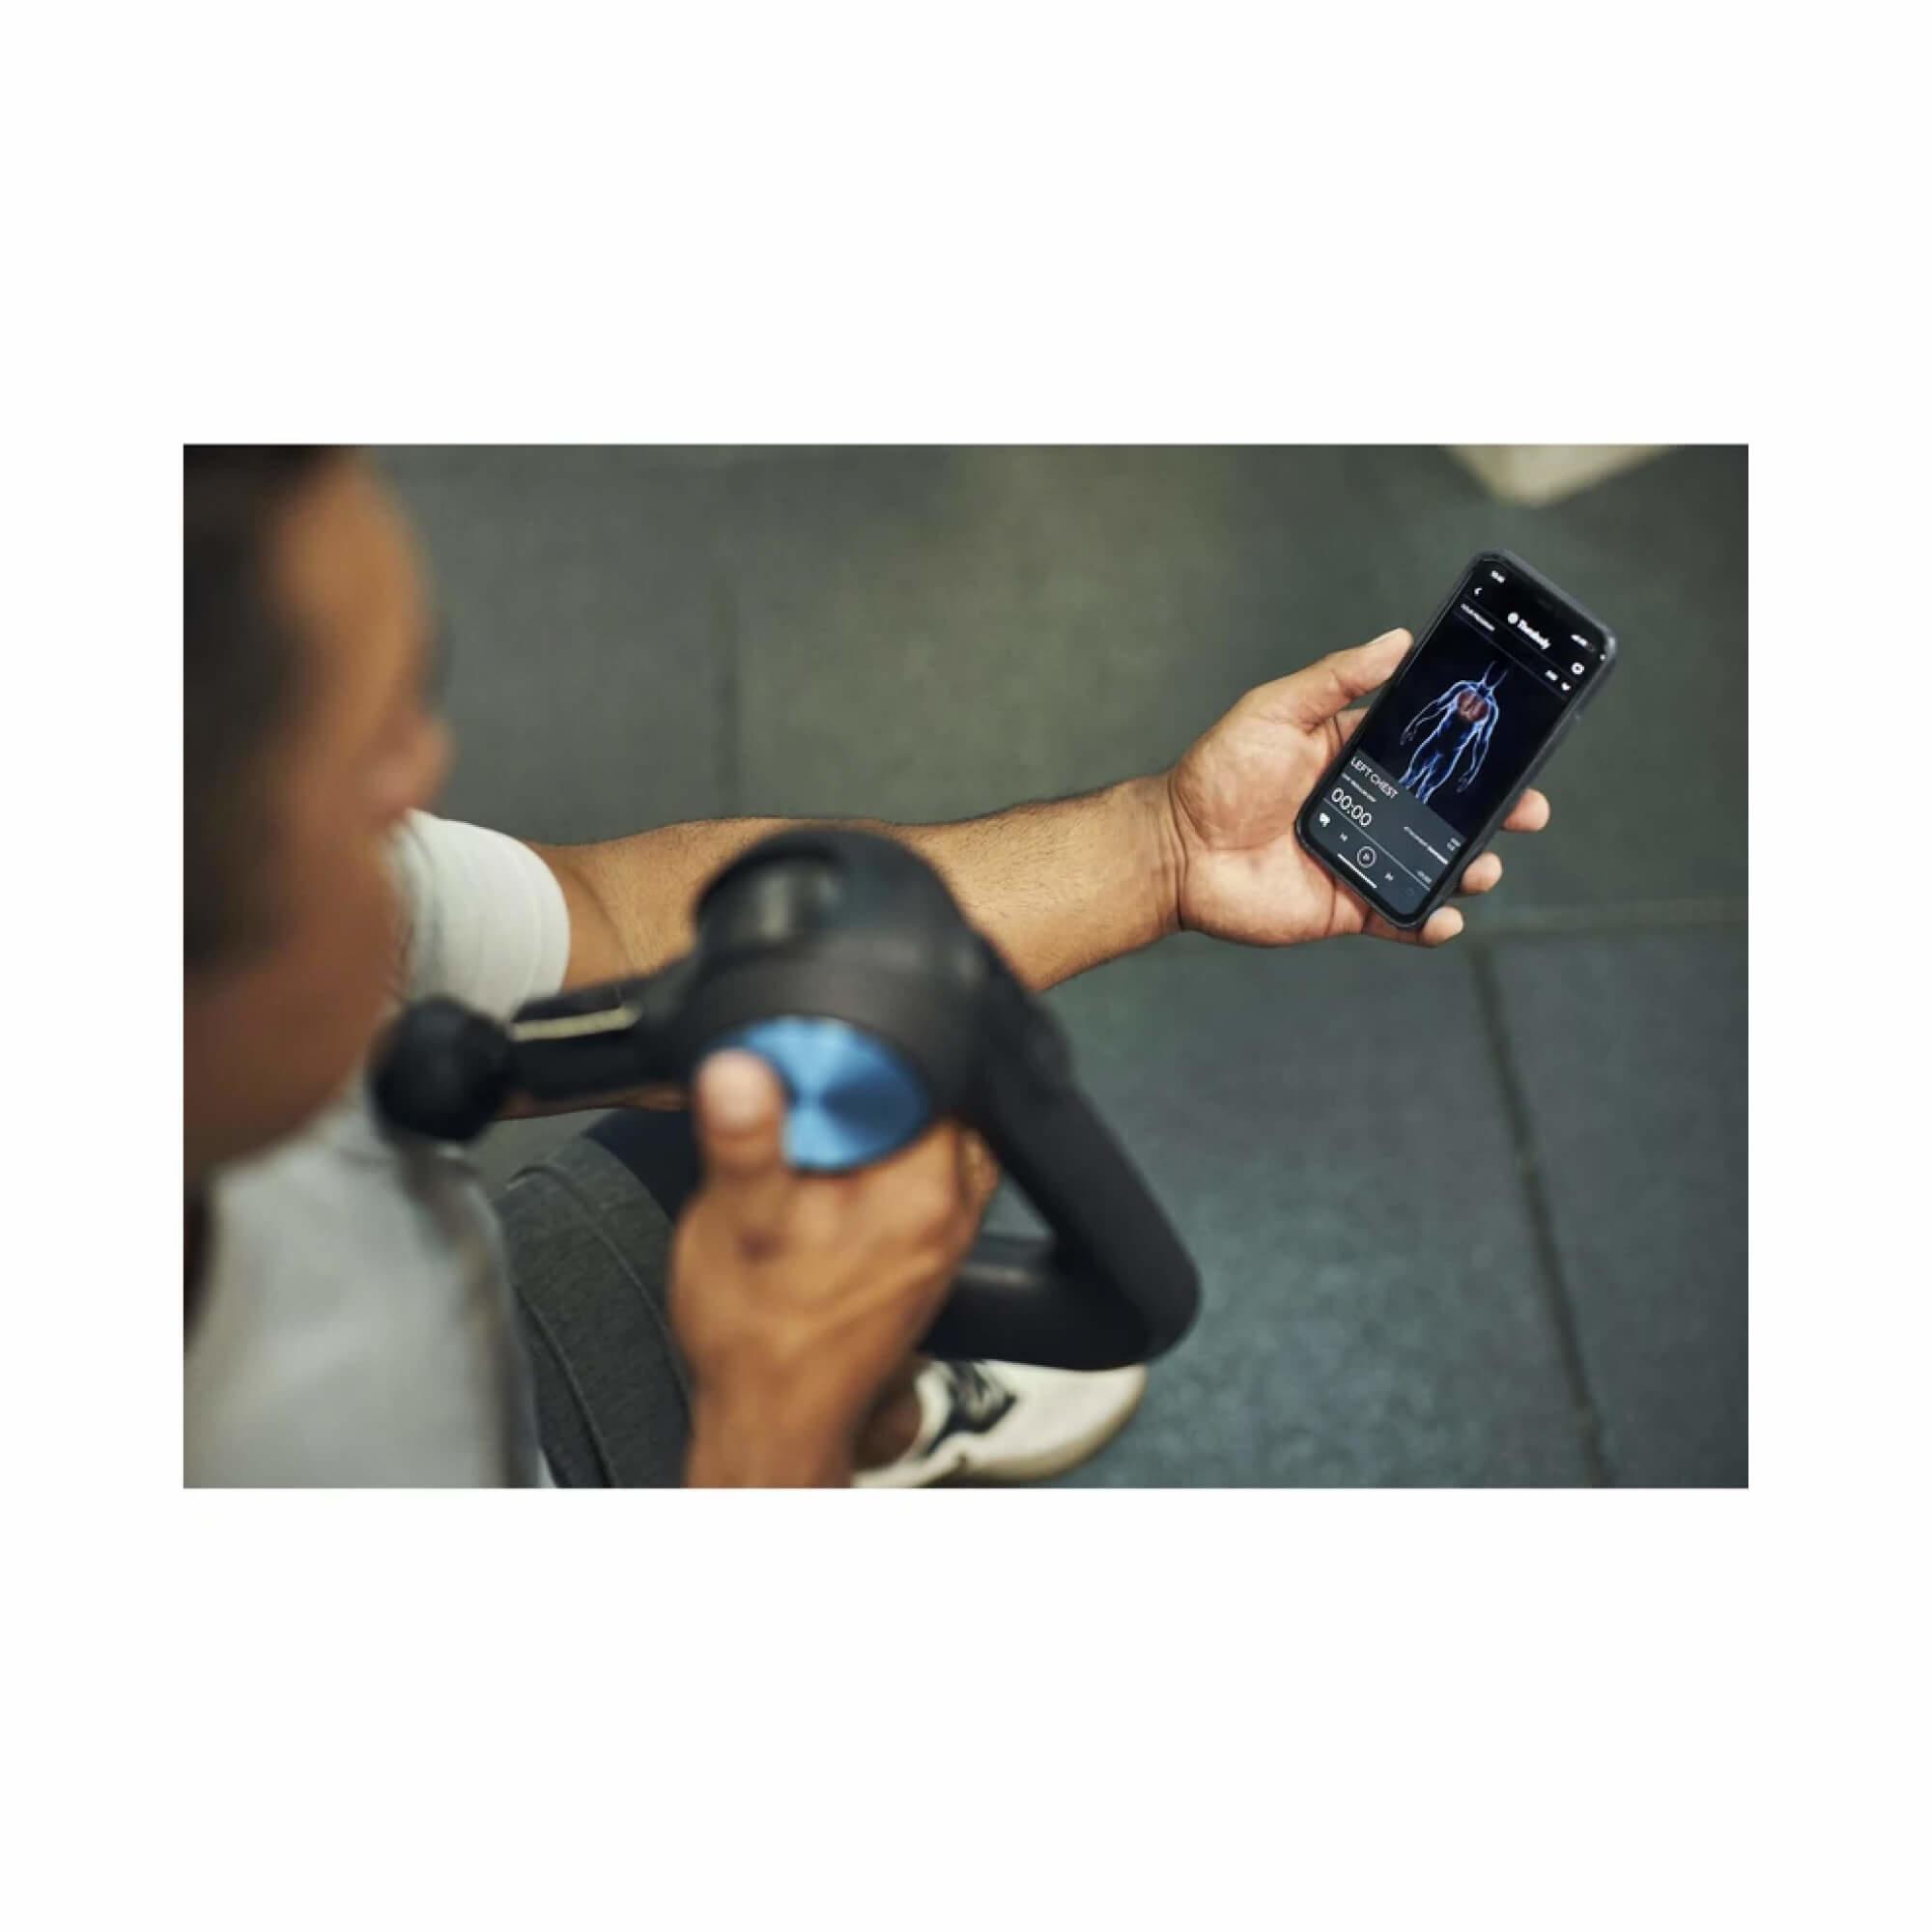 Pro Personal Massage Device-8